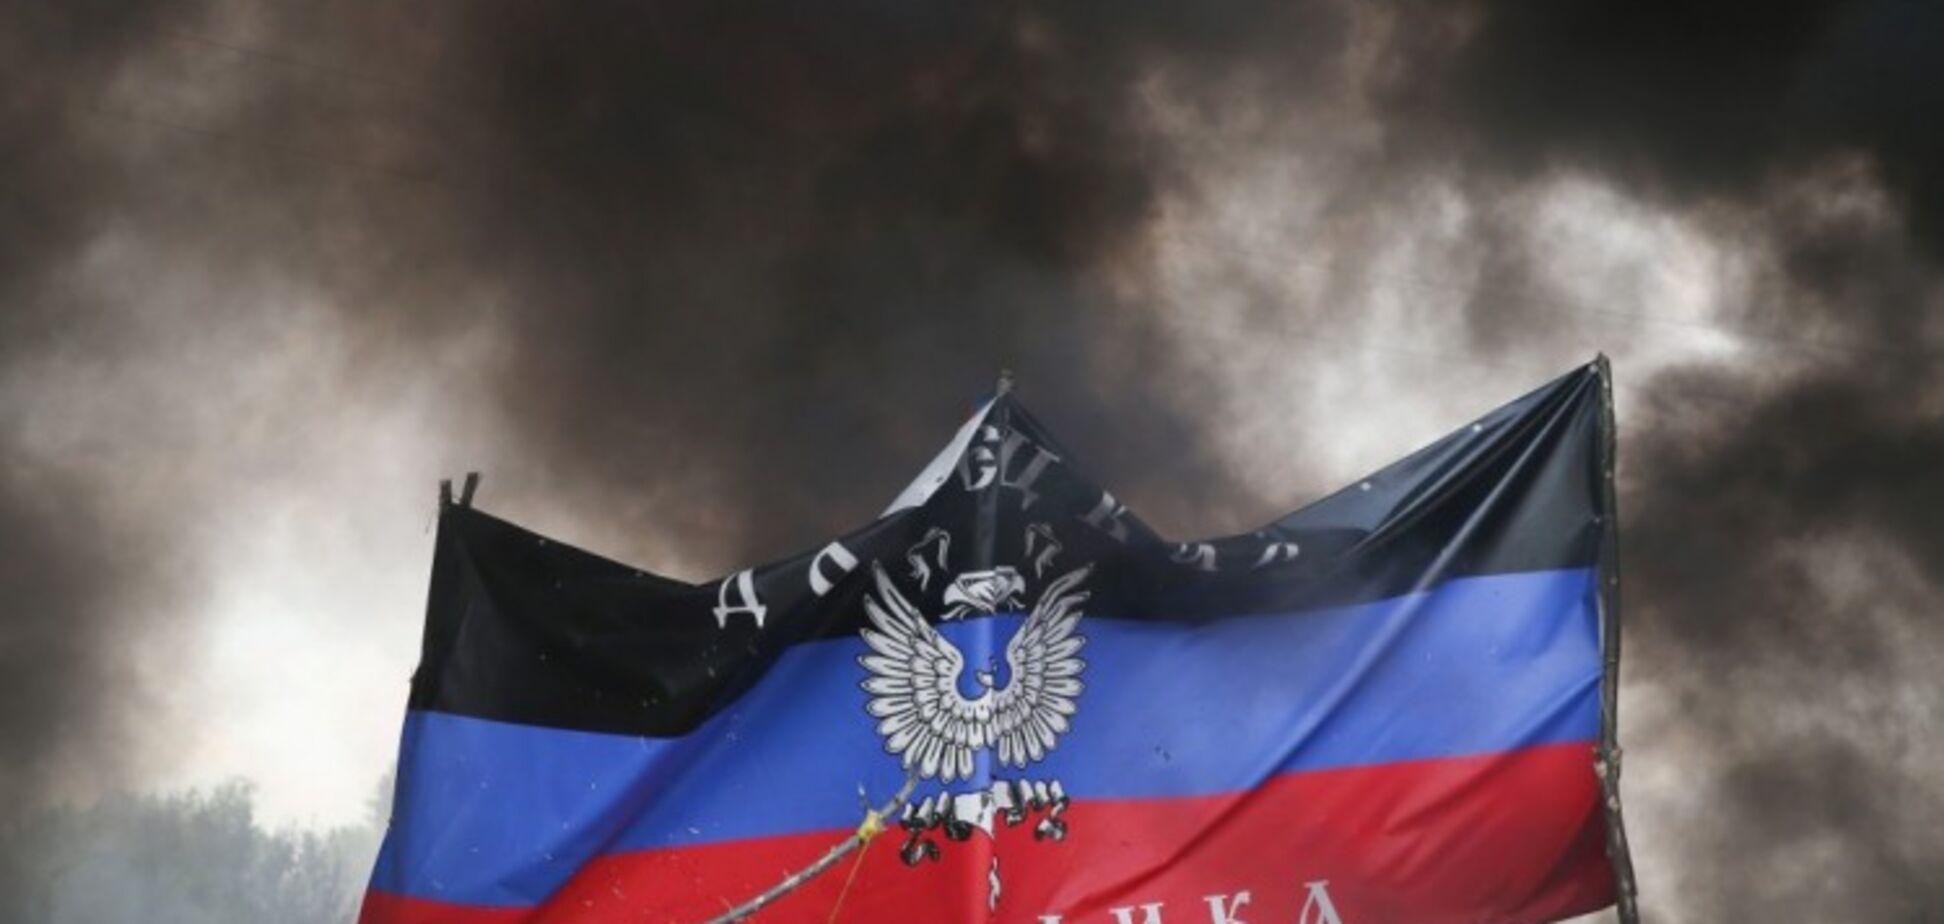 Перед визитом ревизоров из Москвы местные решили выставить себя жертвами